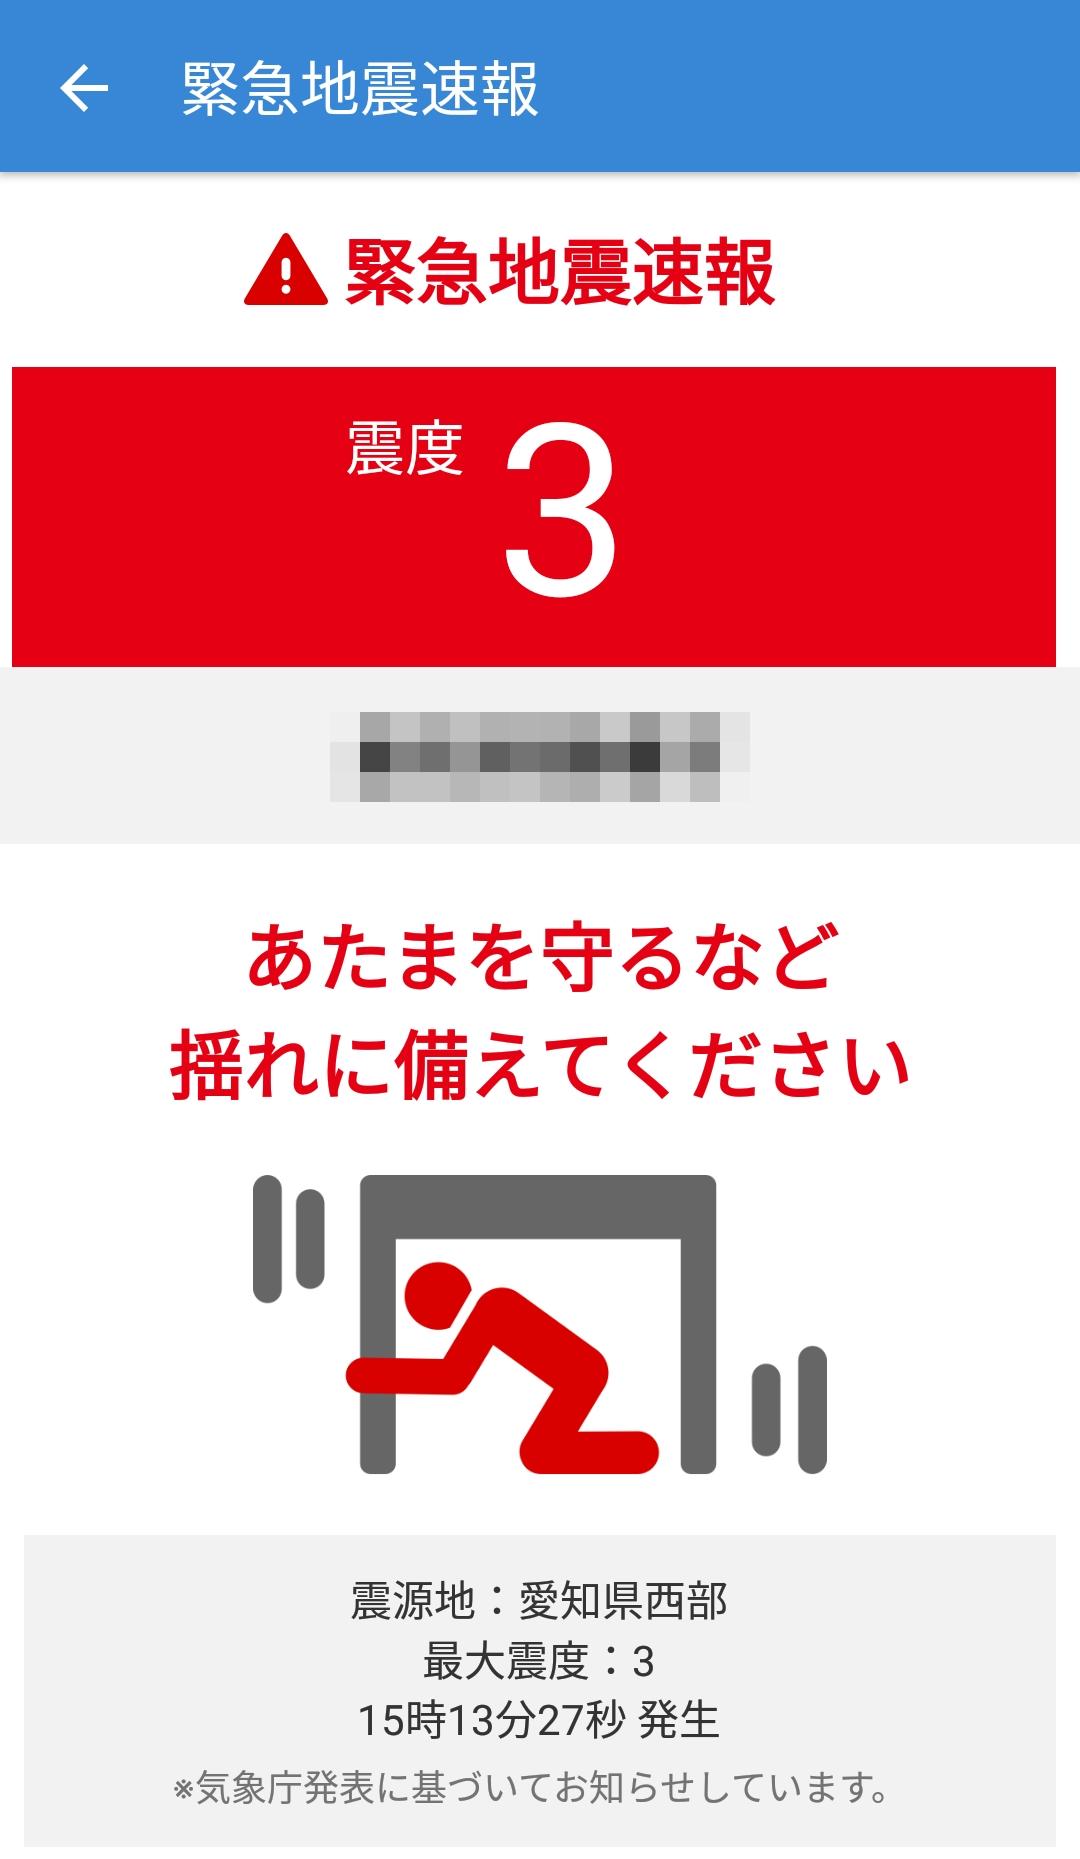 速報 地震 愛知 県